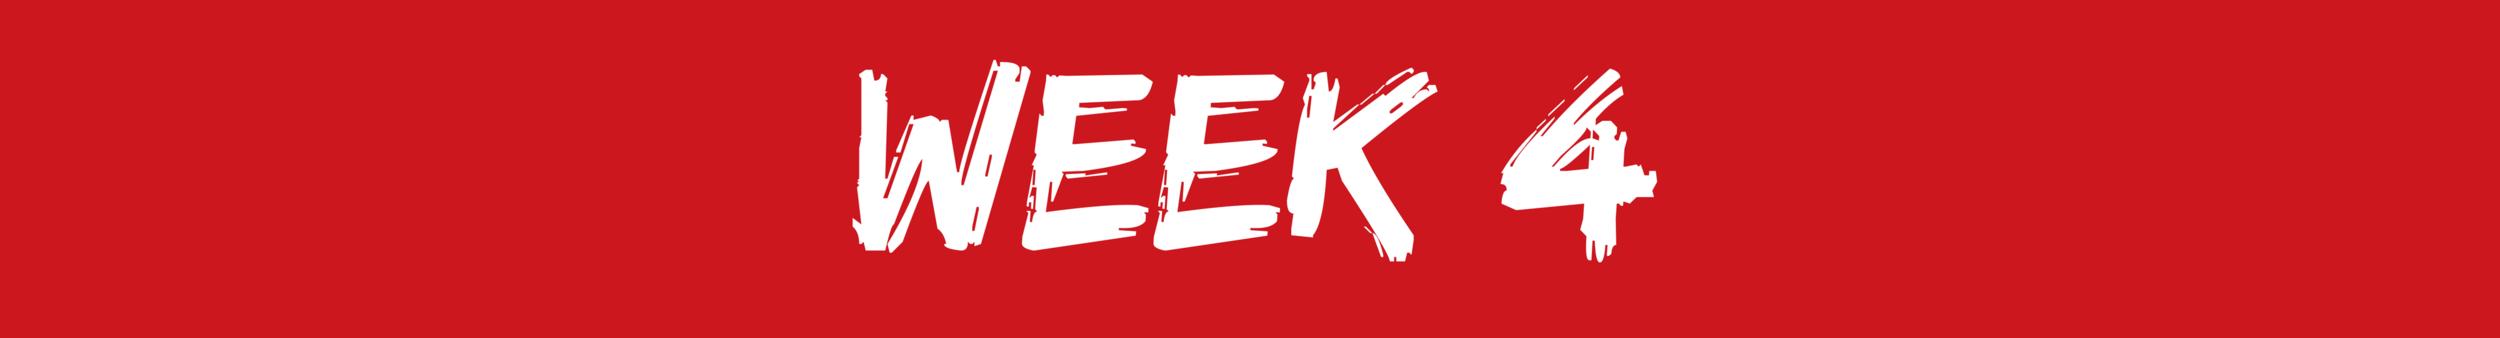 LCA4R week 4.png